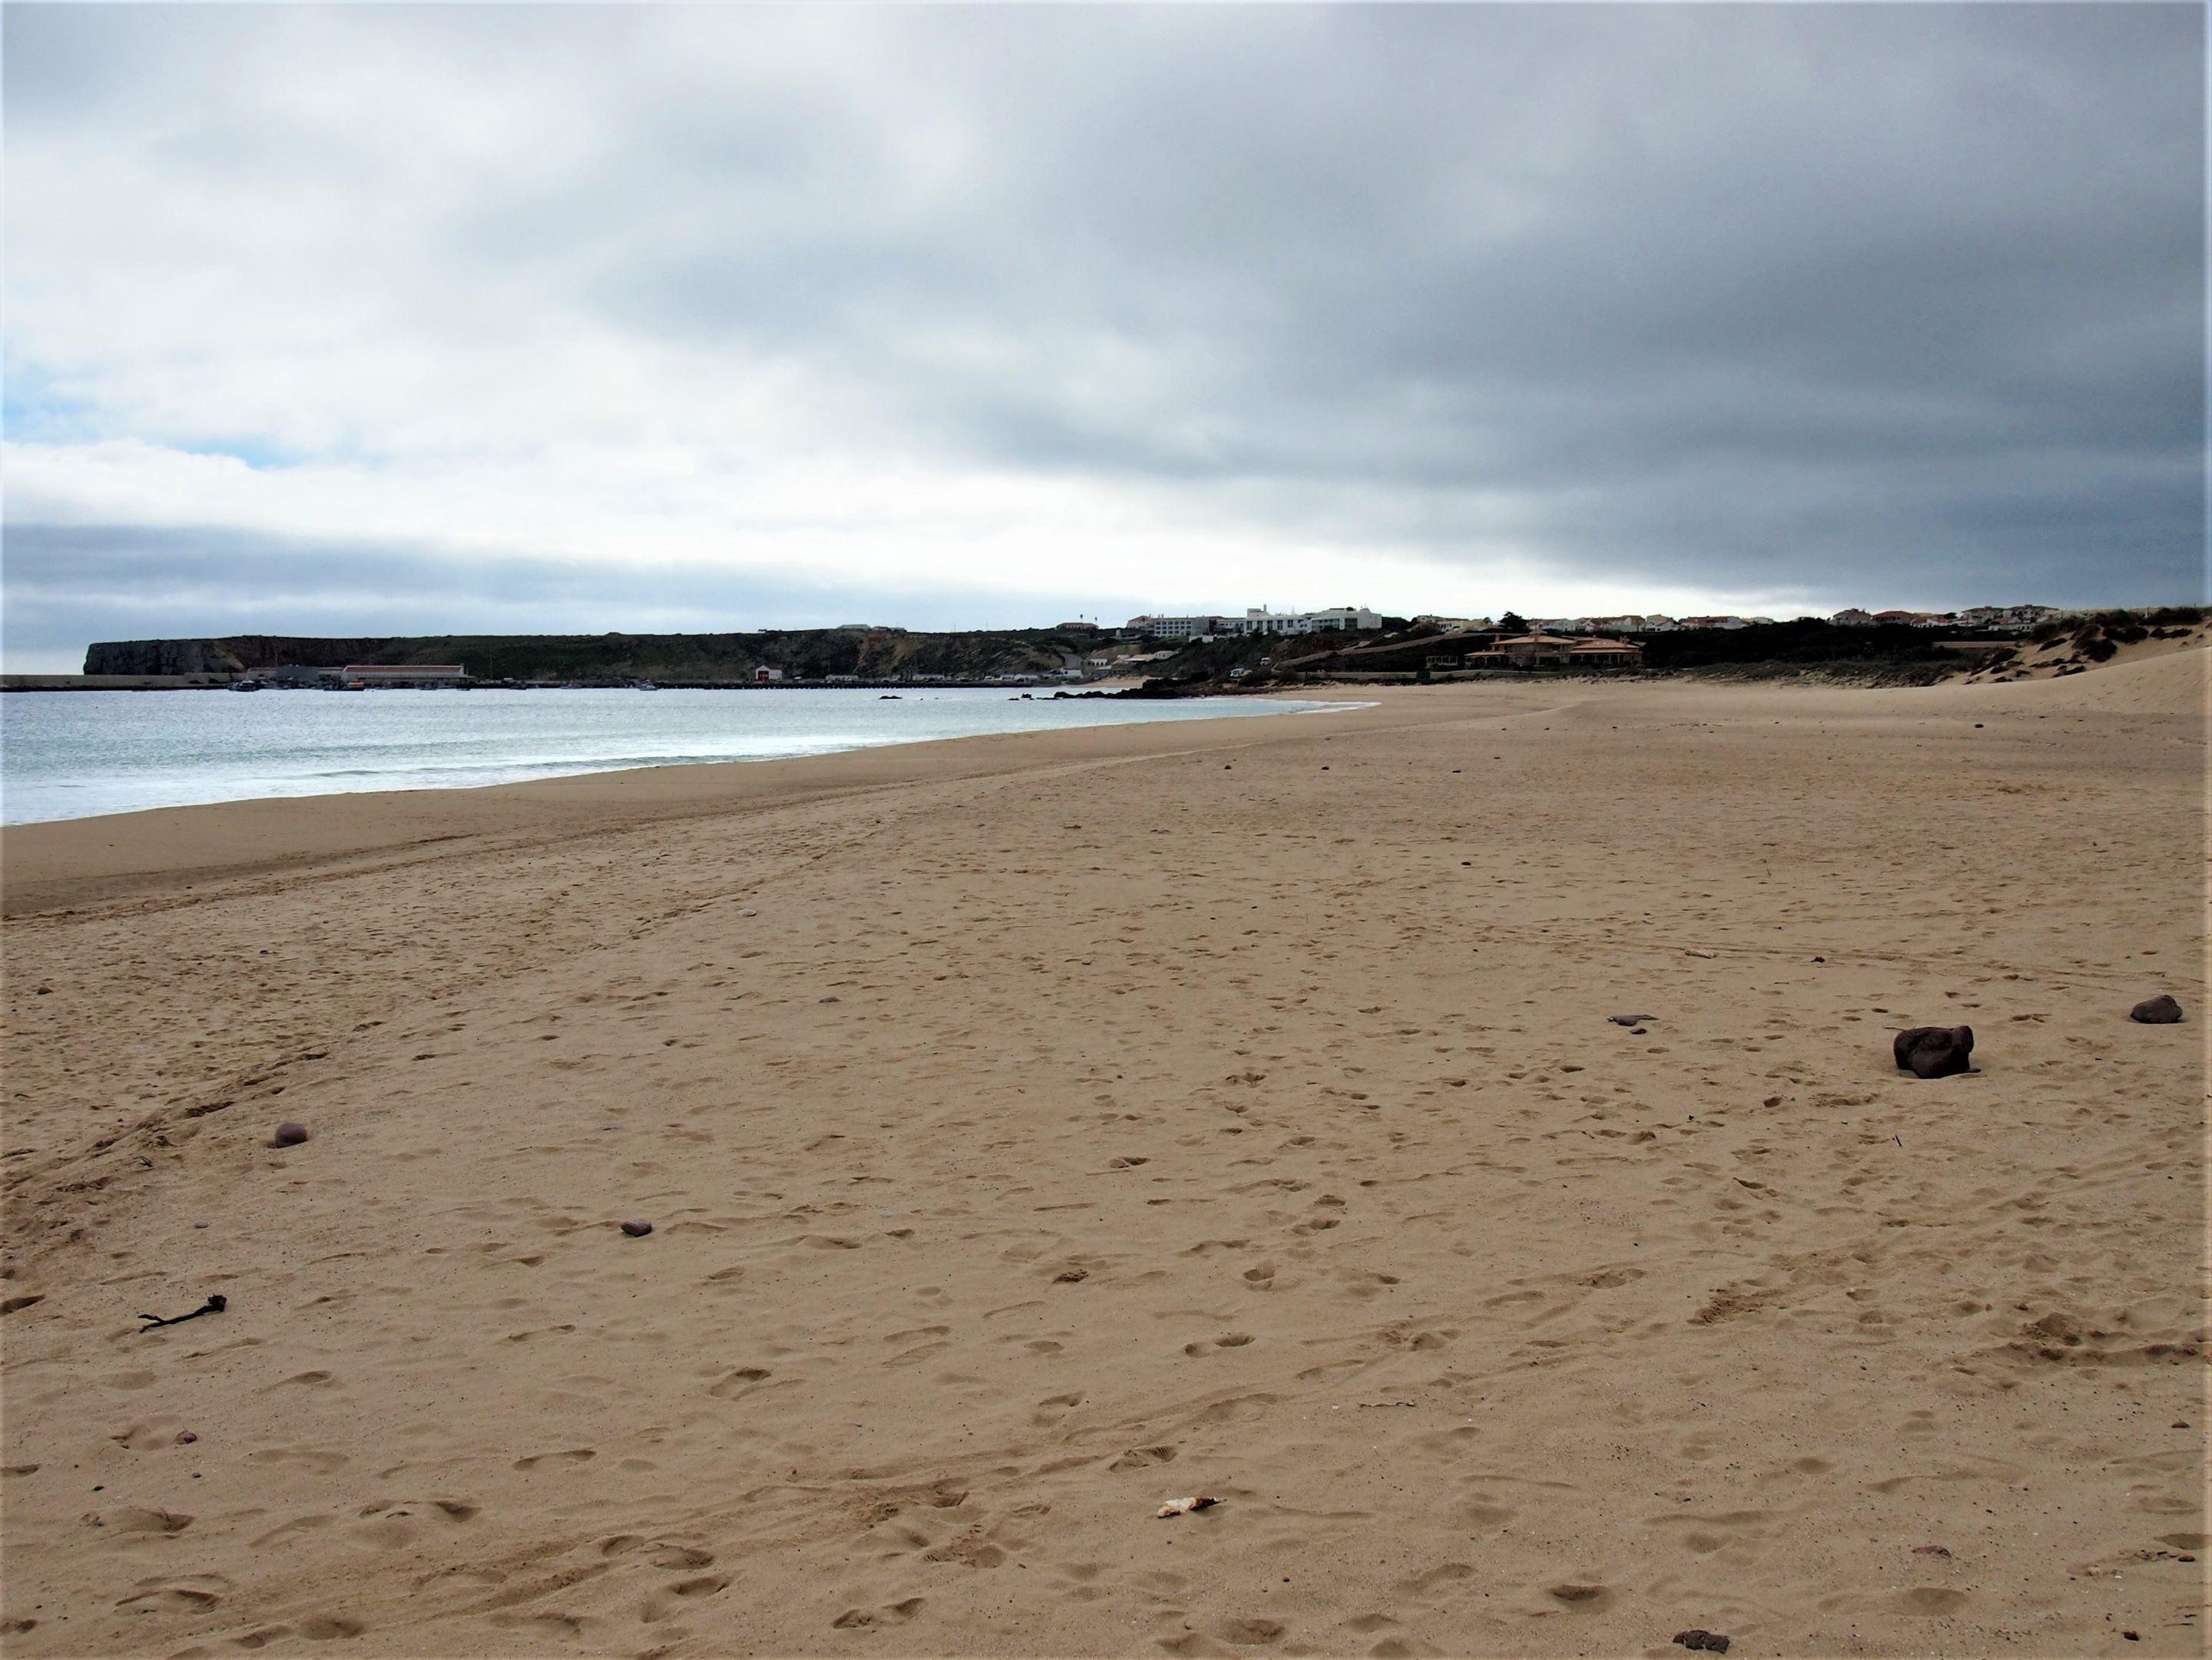 Praia do Martinhal cerca de Sagres, Algarve occidental